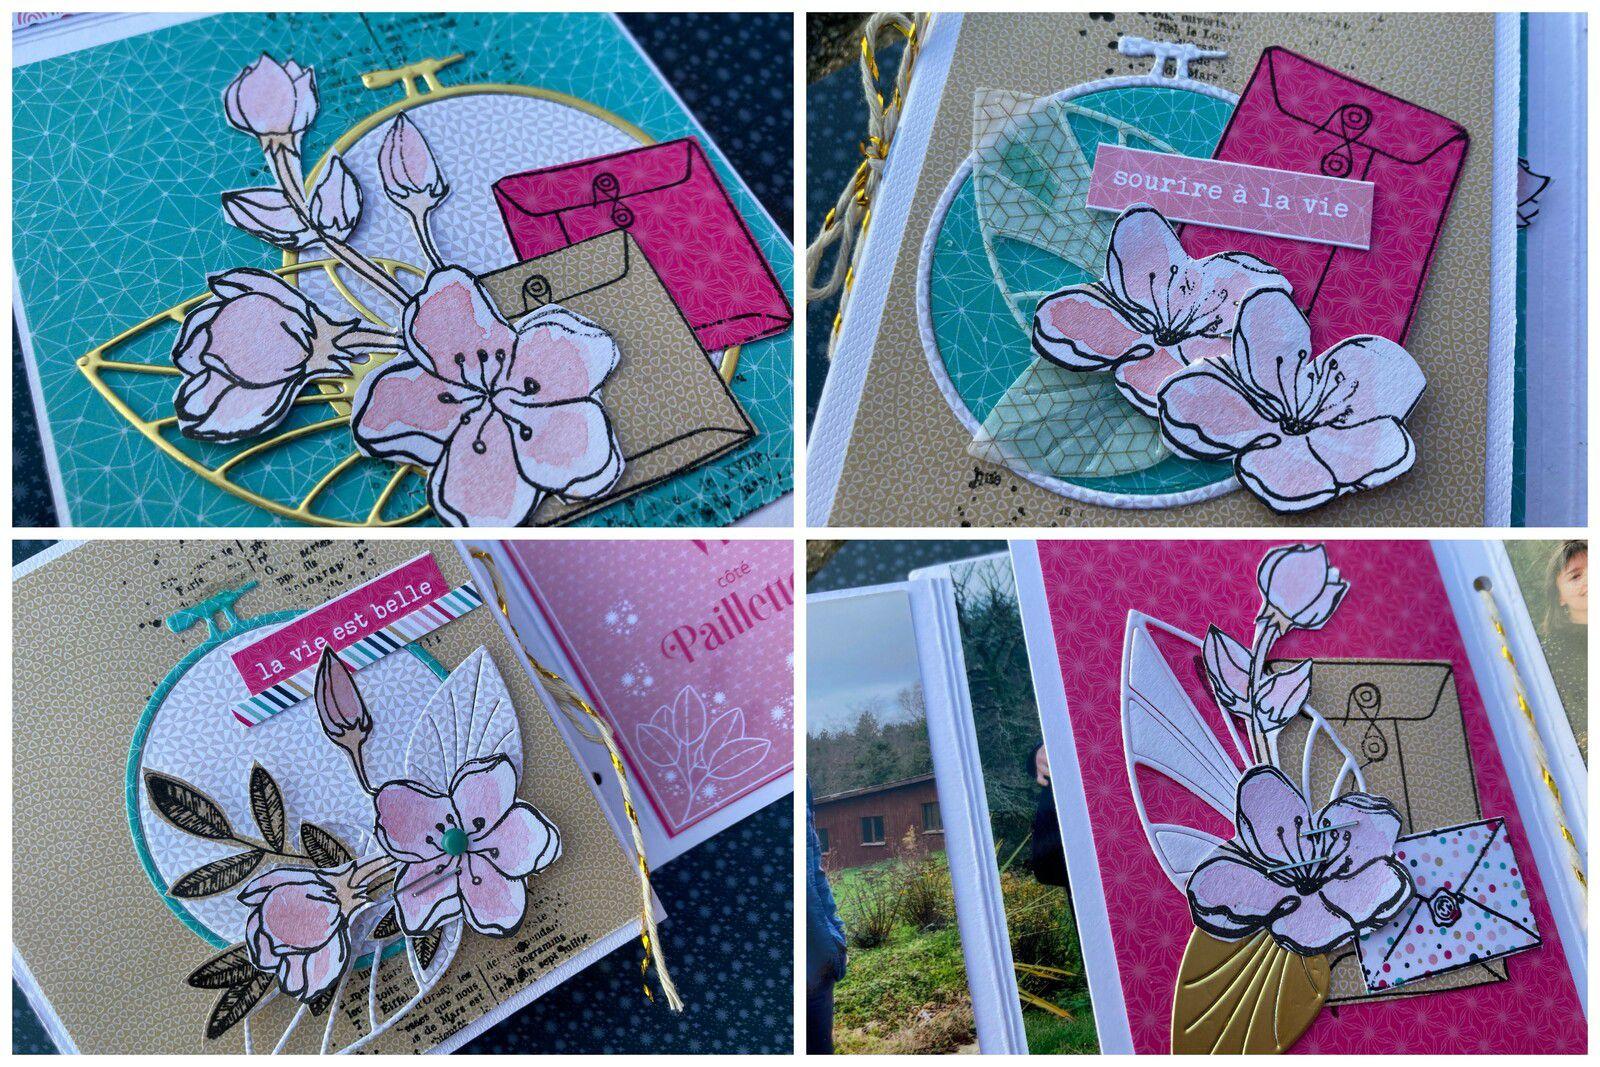 Je vous mets quelques détails de la déco avec tampons enveloppes sur papiers imprimés et fleurs à l'aquarelle pour adoucir le tout.